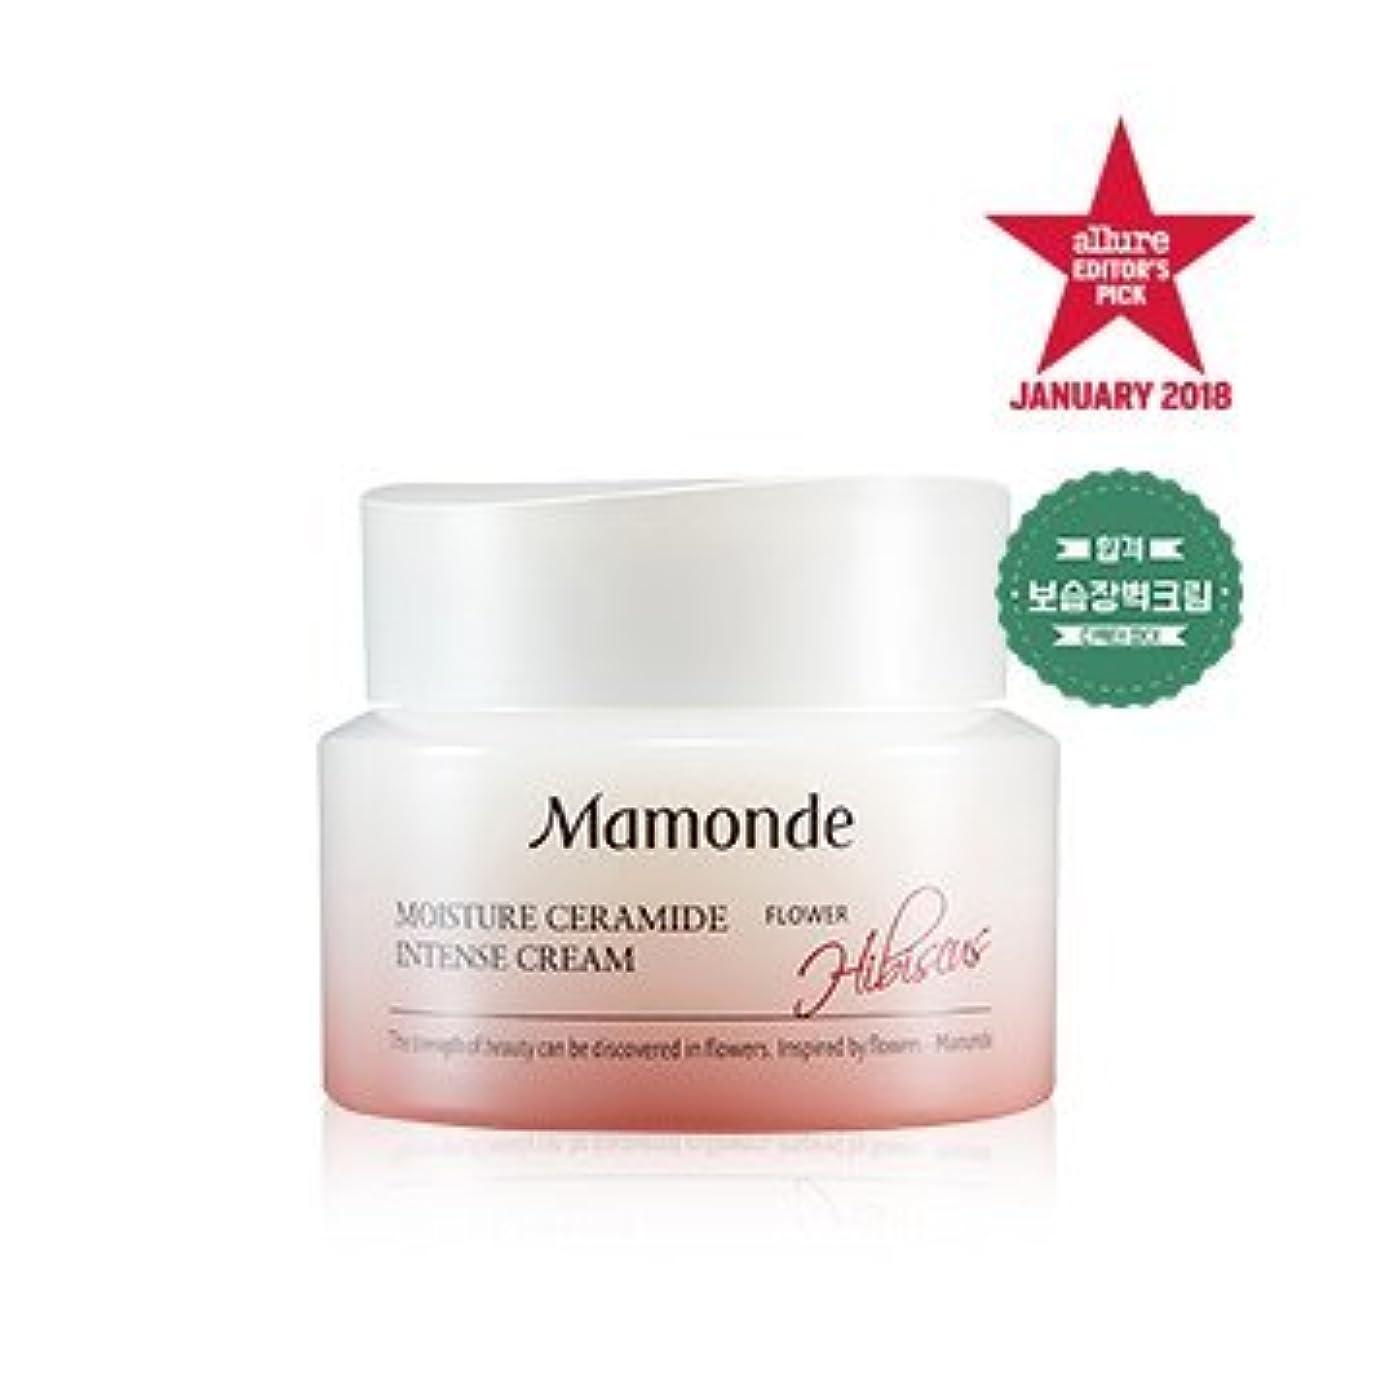 パリティセクタホテル[MAMONDE] モイスチャーセラミドインテンシブクリーム / Moisture Ceramide Intense cream 50ml [並行輸入品]